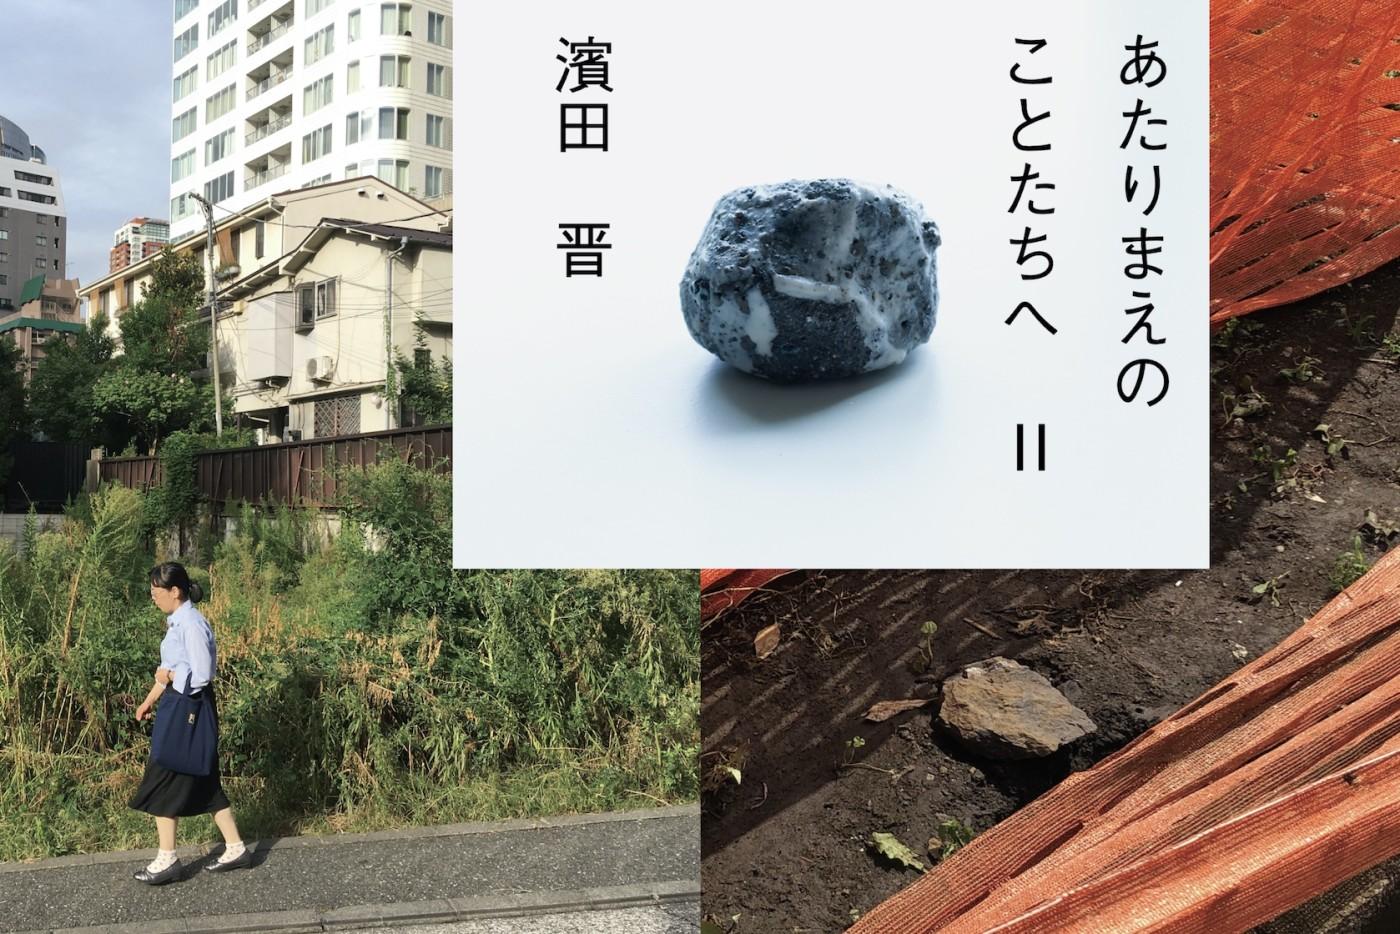 Shin_Hamada_key_visual